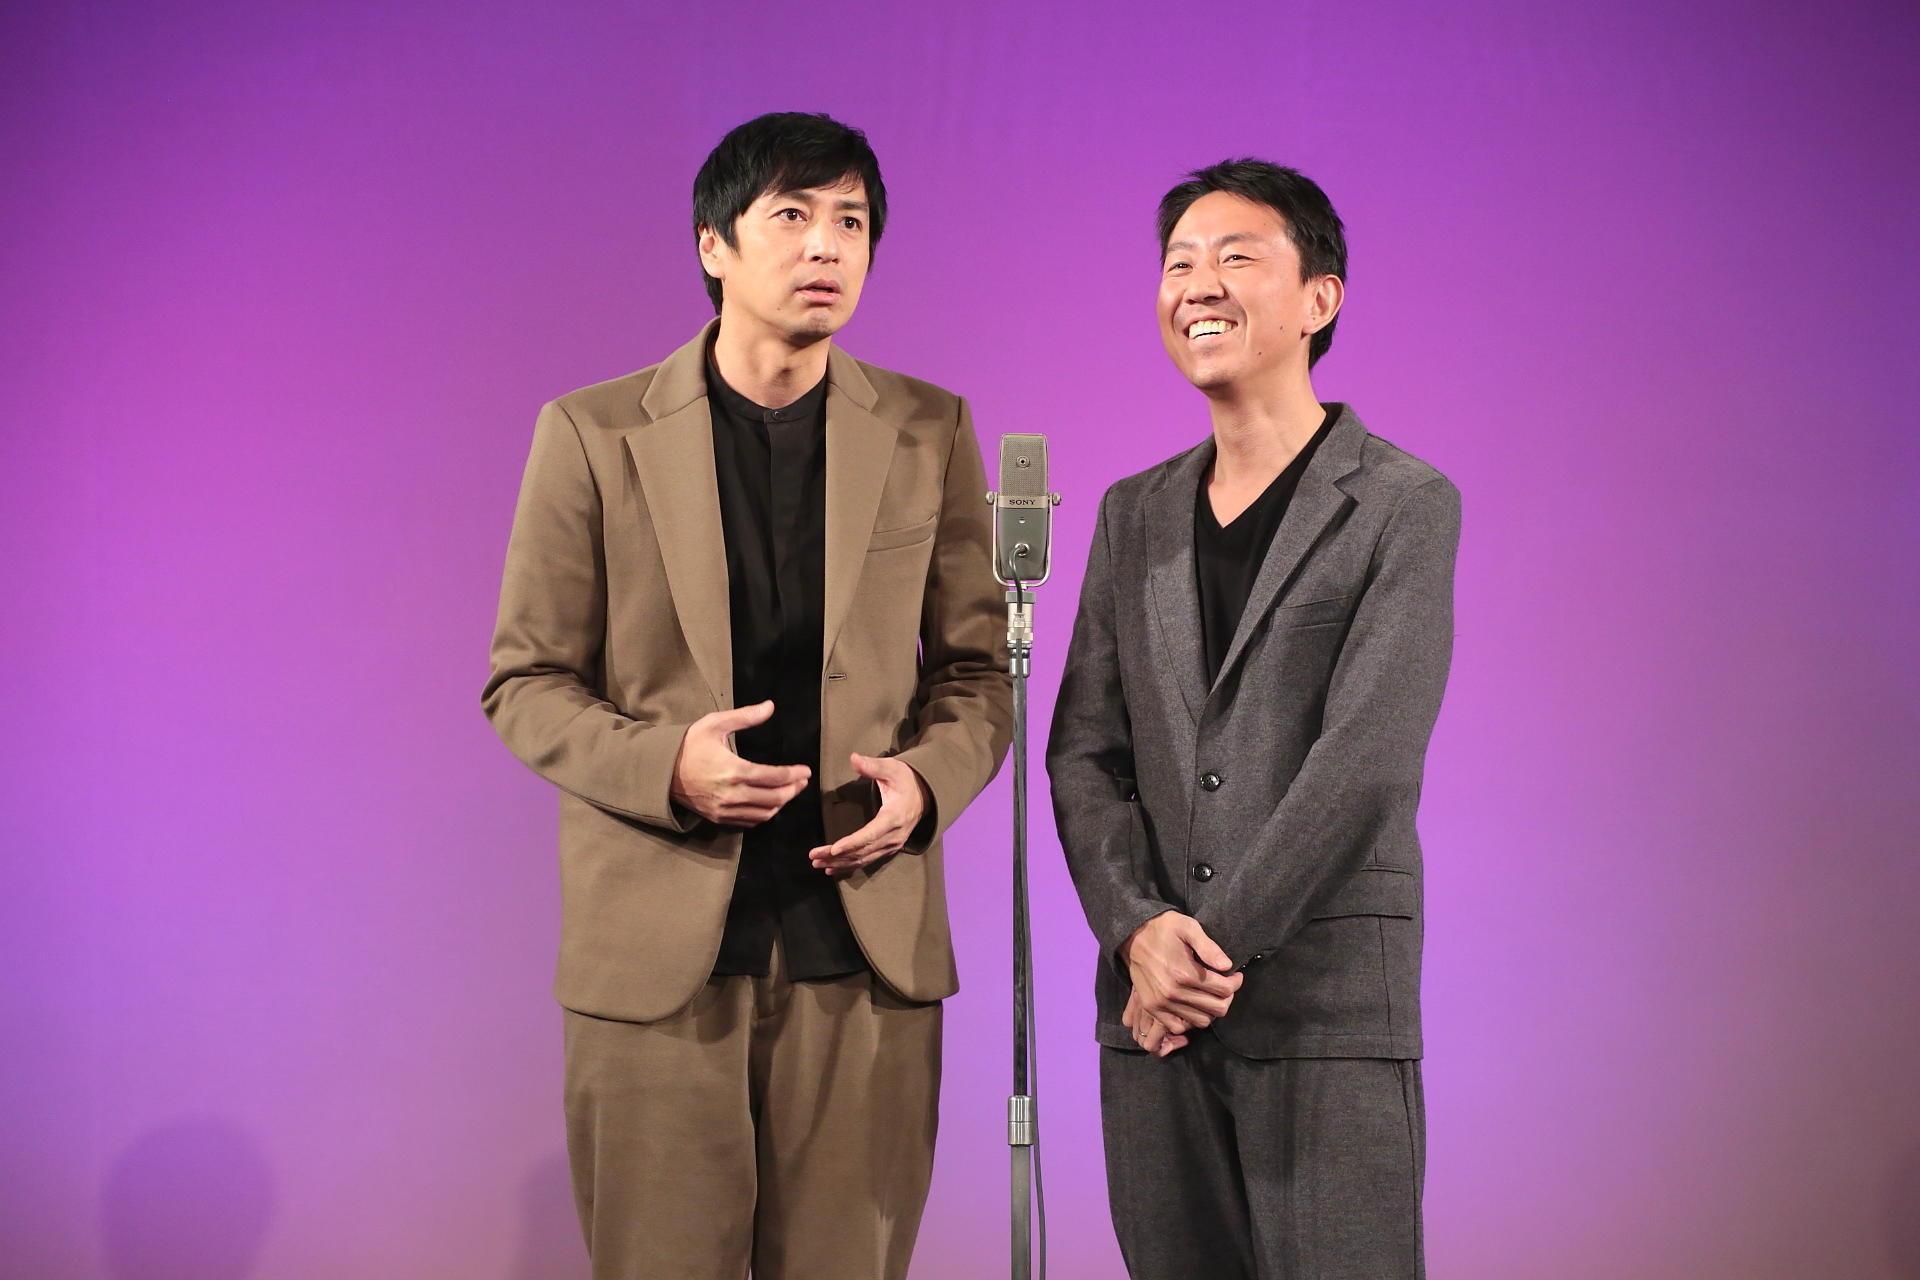 http://news.yoshimoto.co.jp/20171223171053-8c4f3c7b19acf38f3c5d19dd5046d578581a4a42.jpg